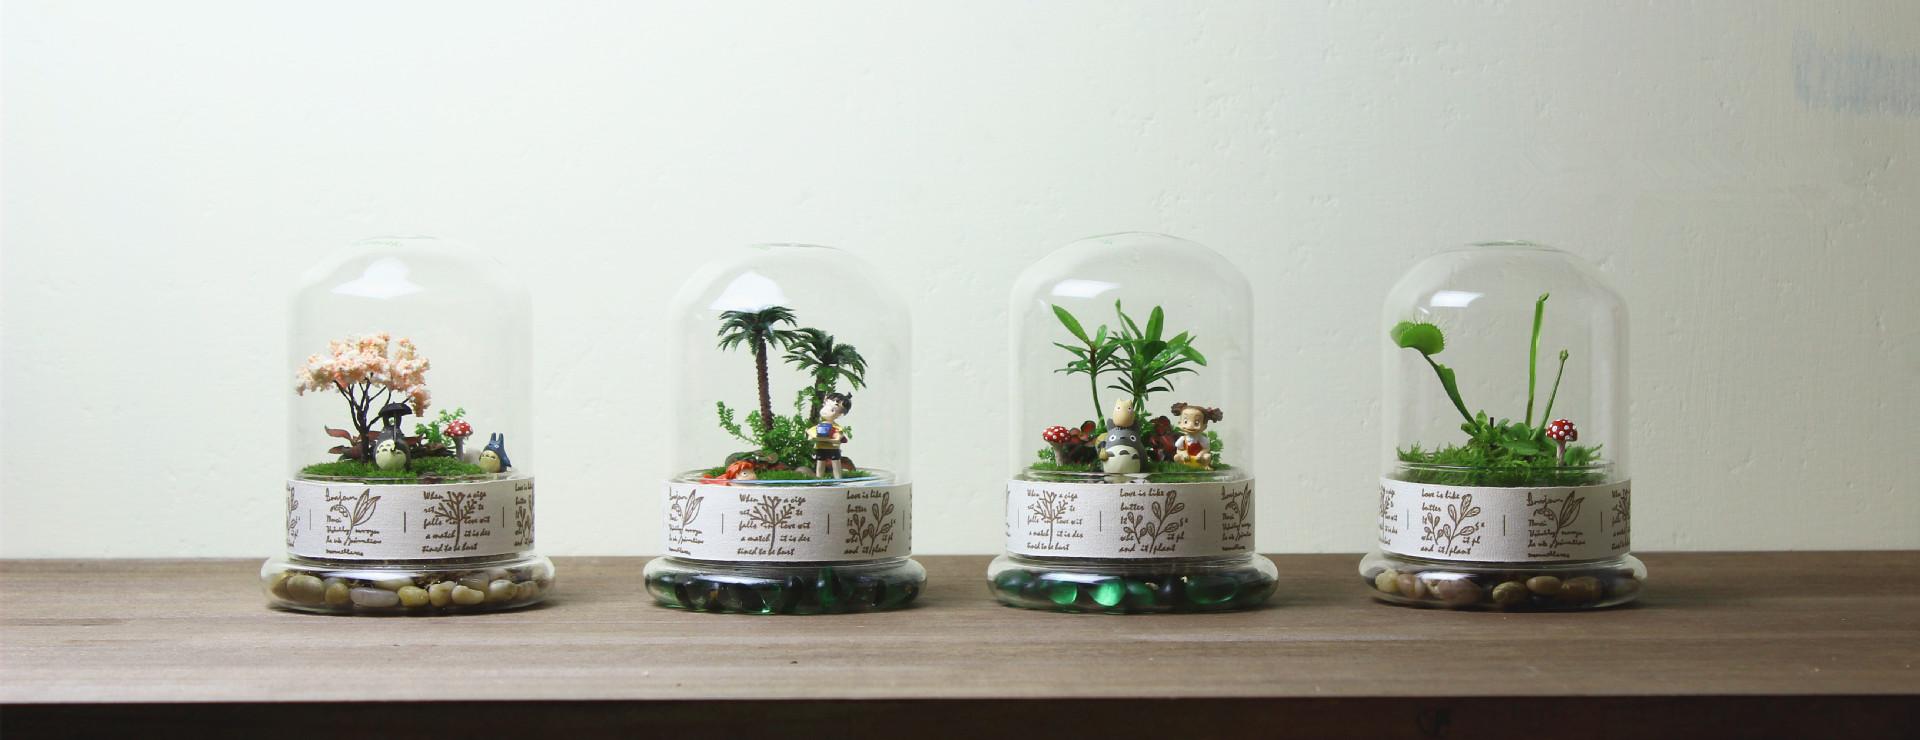 乾宸 毕业礼物微景观植物生态瓶 瓶子微景观玻璃罩 送